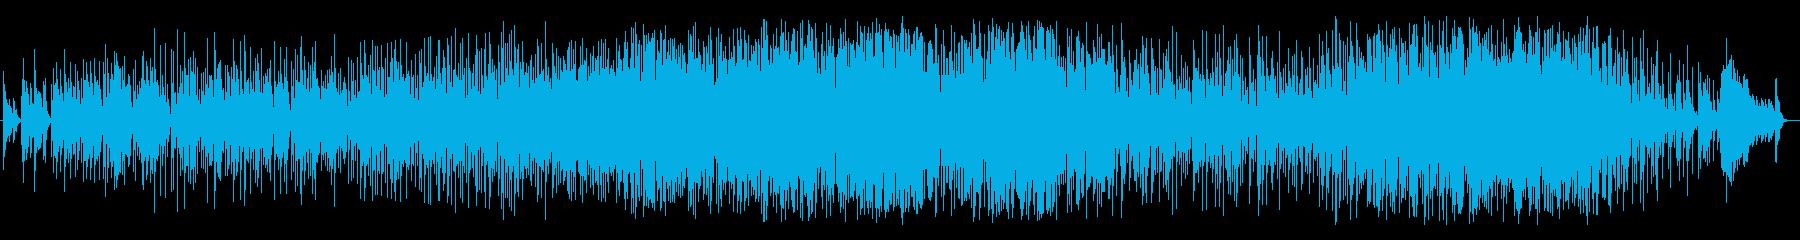 アンビエントアースメランコリック。...の再生済みの波形